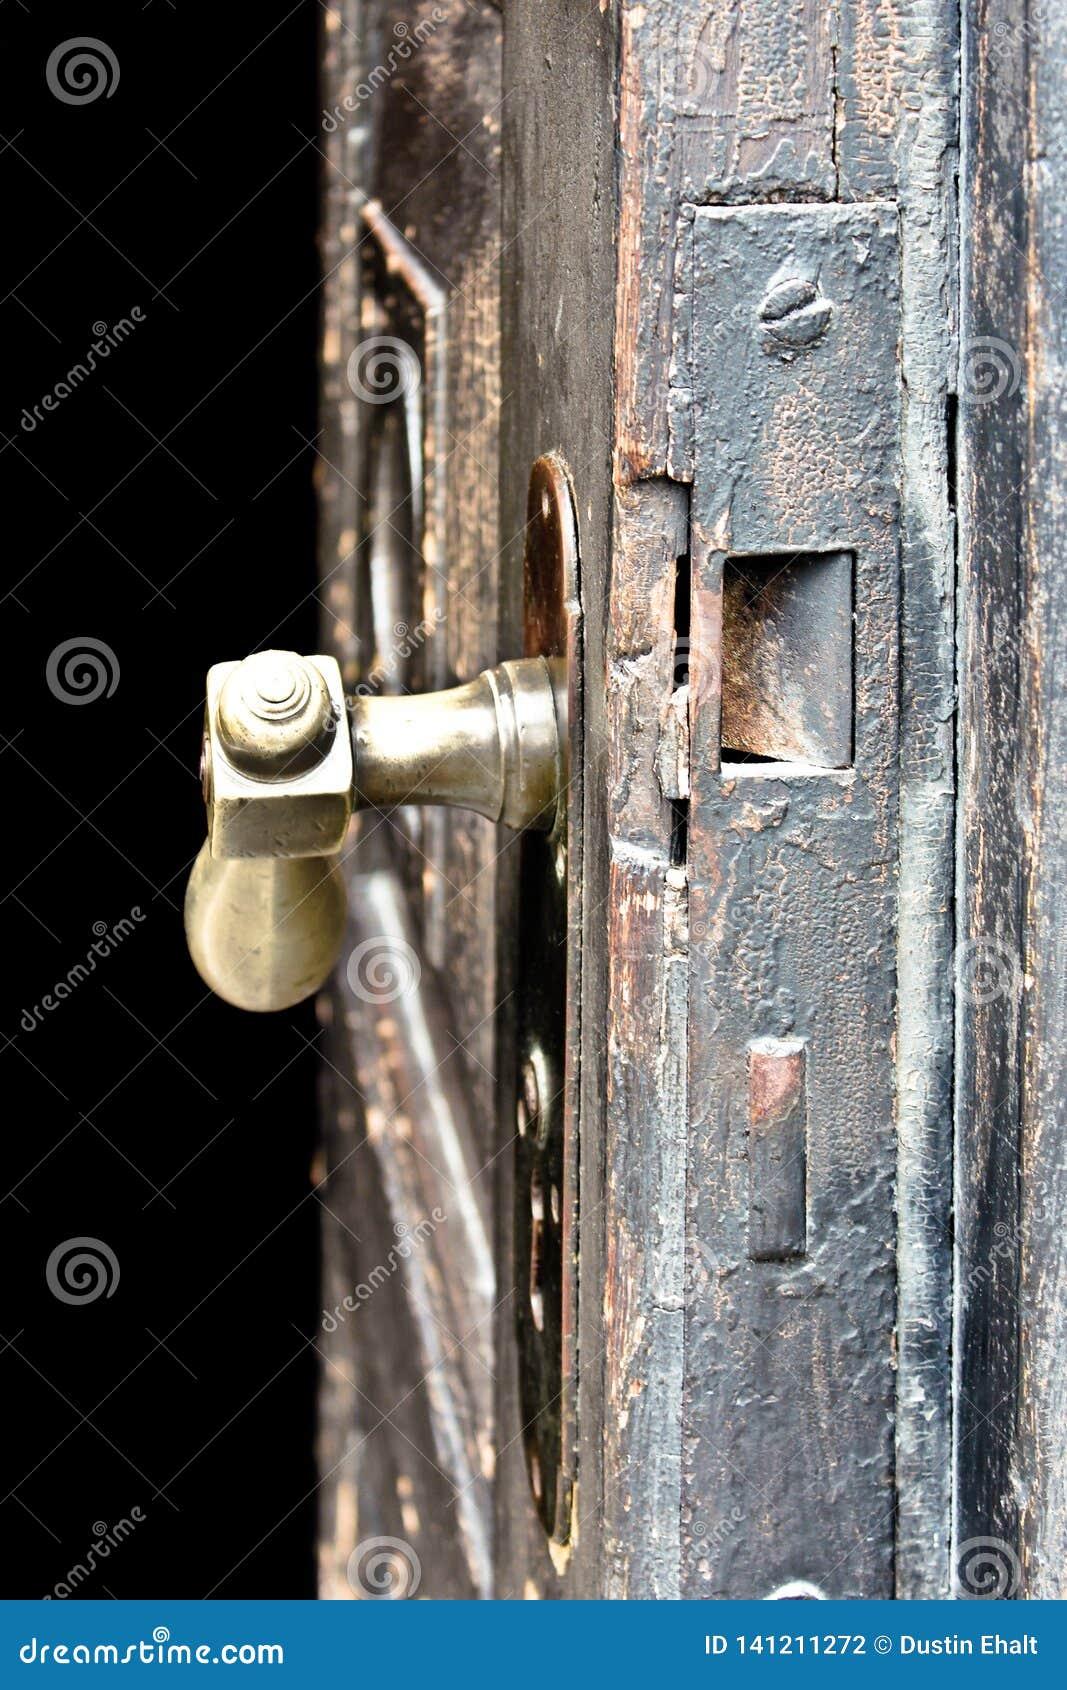 Vieille porte en bois qui semble antique